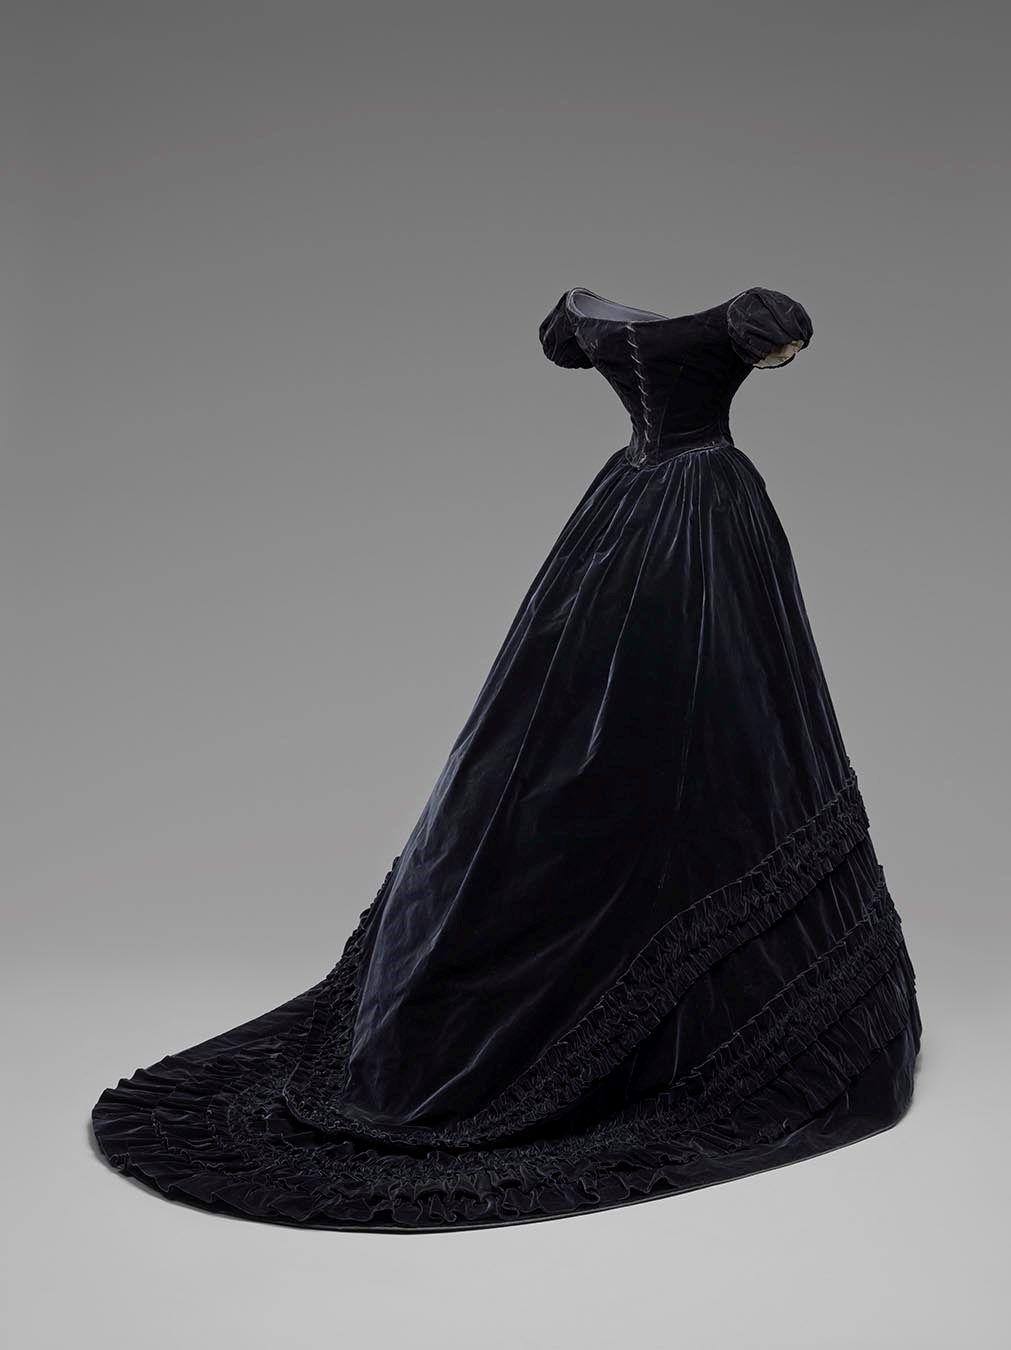 Ss evening dress artisanat peinture personnage robessacs à